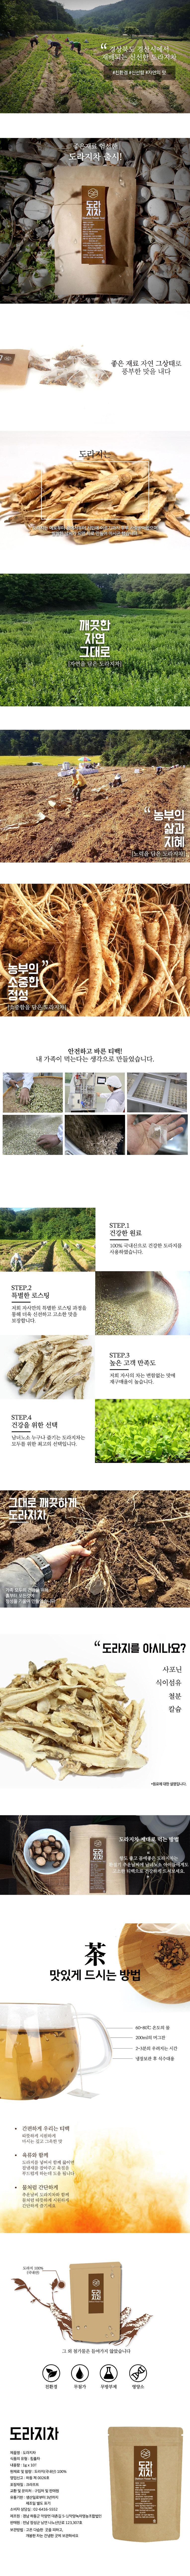 한유 도라지차 티백형 - 한국유기농, 2,900원, 차, 우롱차/전통차/한방차